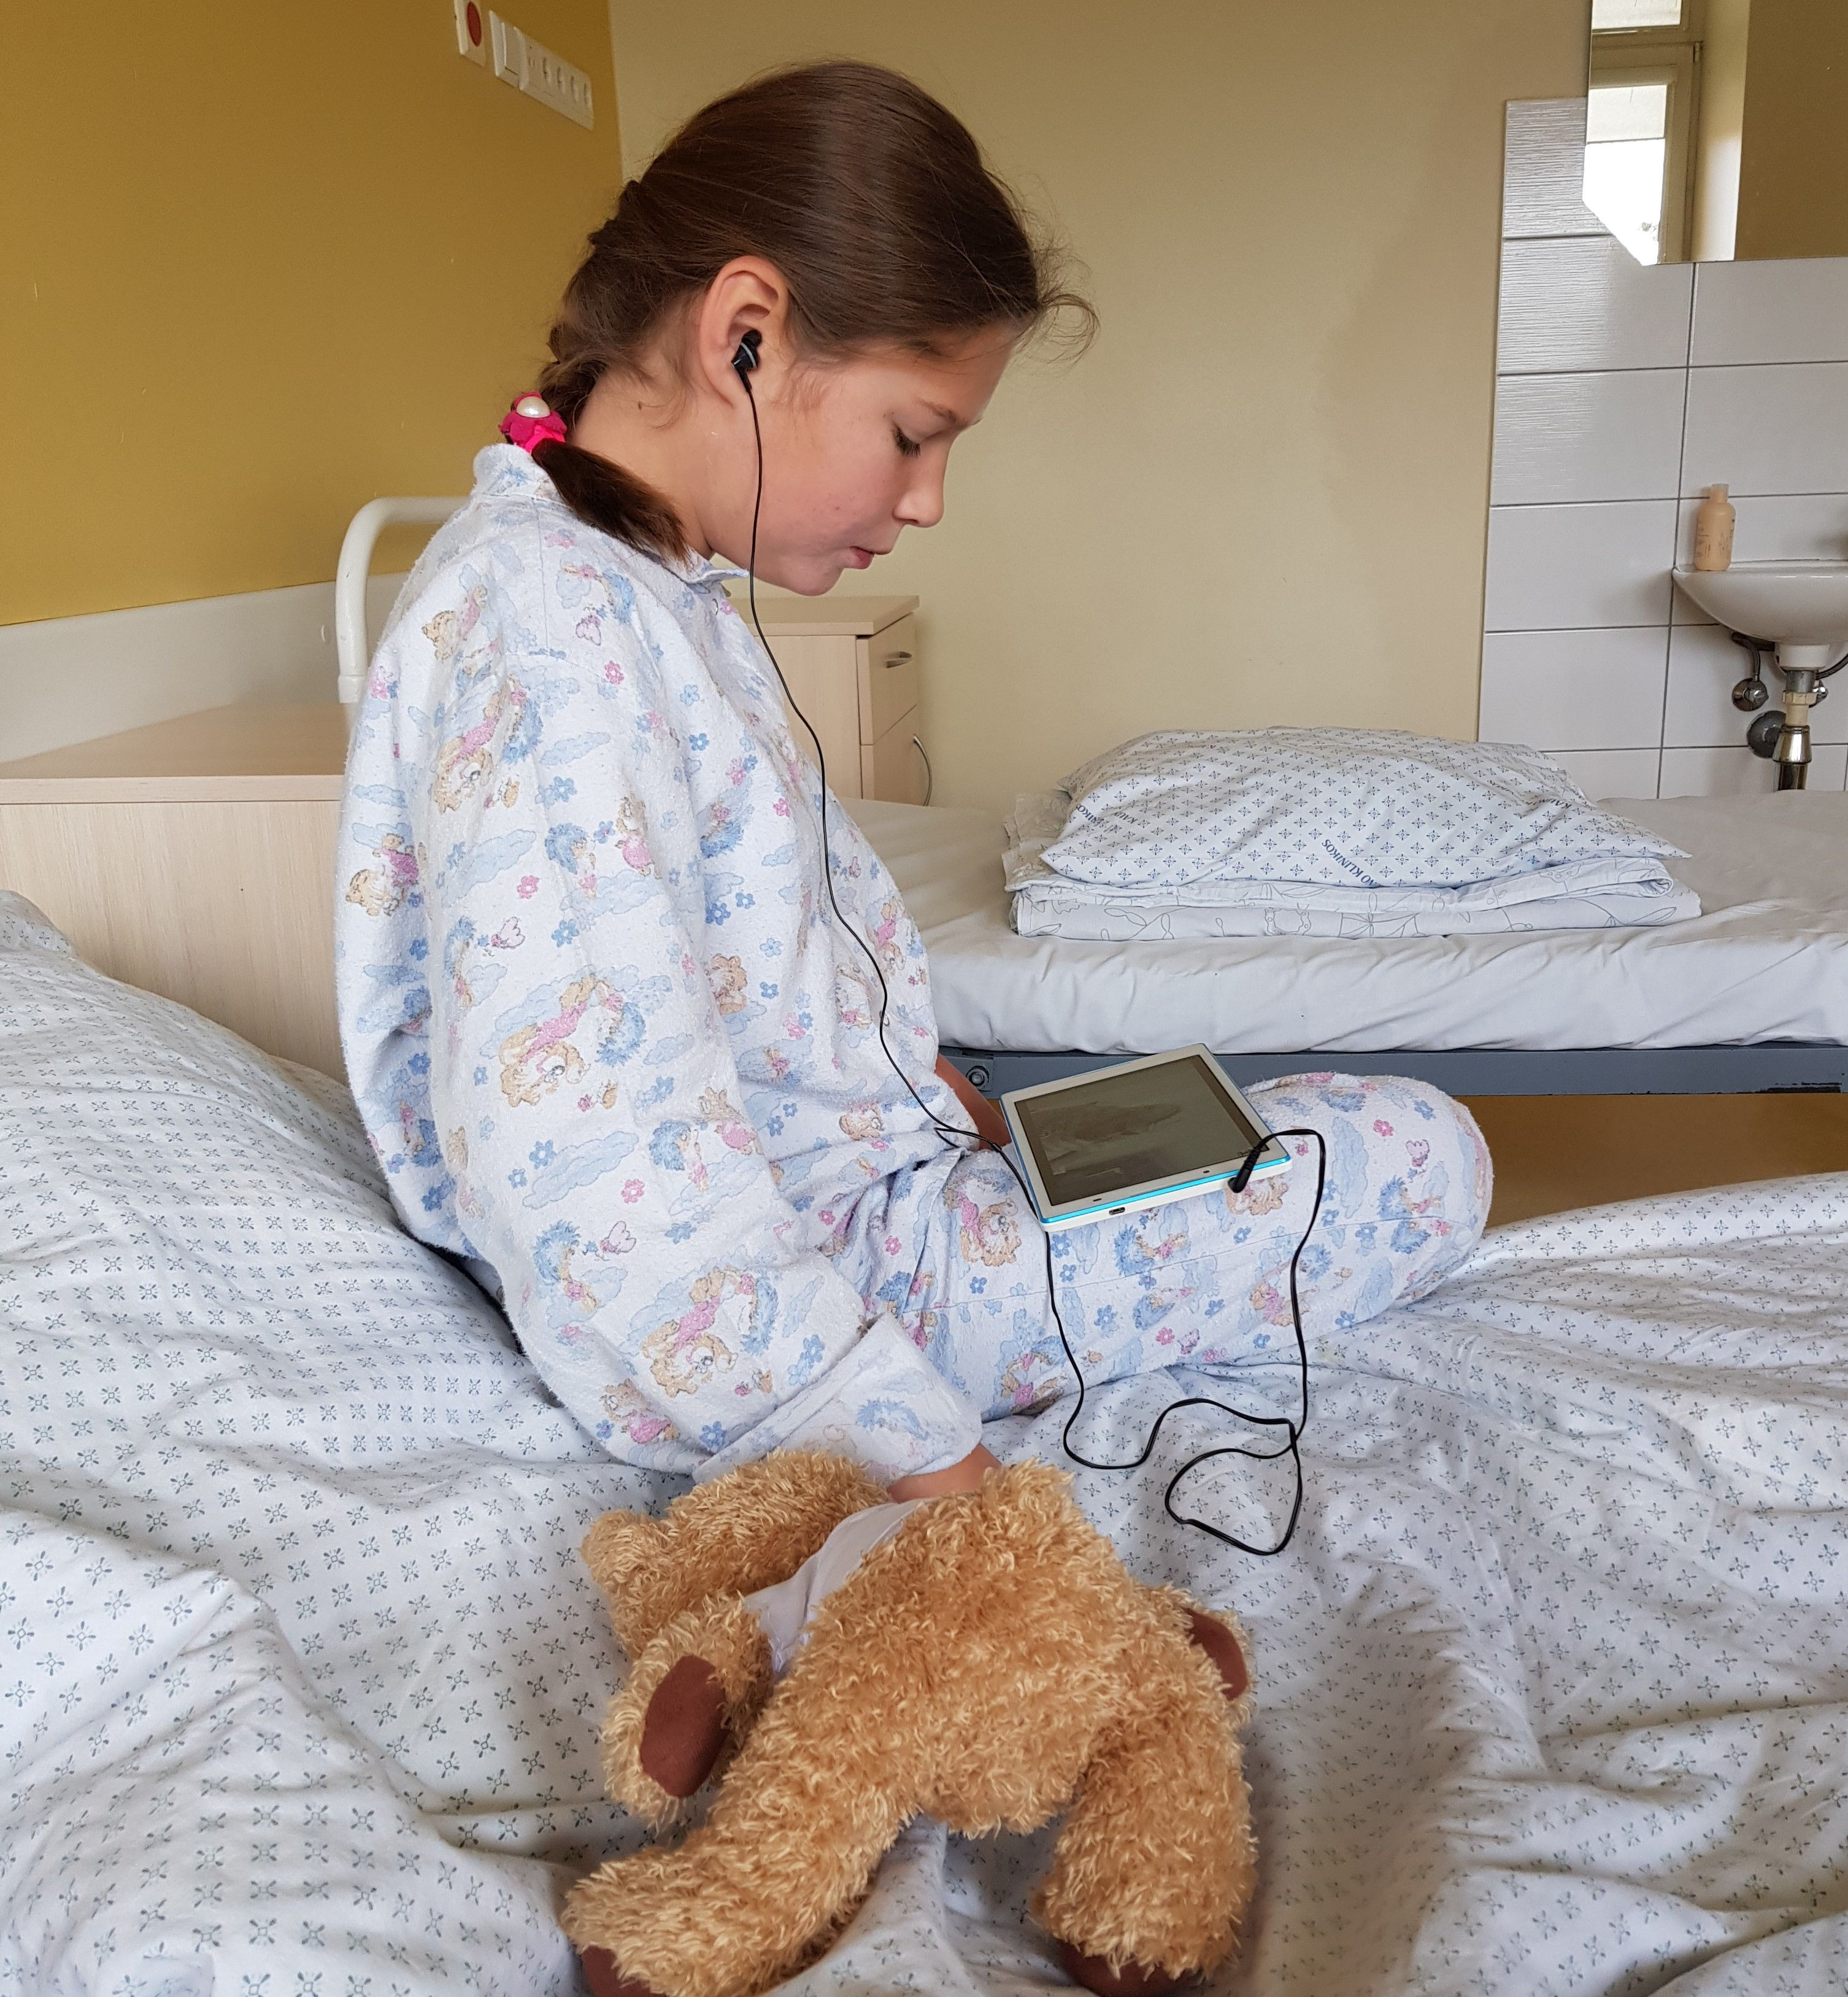 Teresė Jonauskaitė sėdi ligoninėje ant lovos